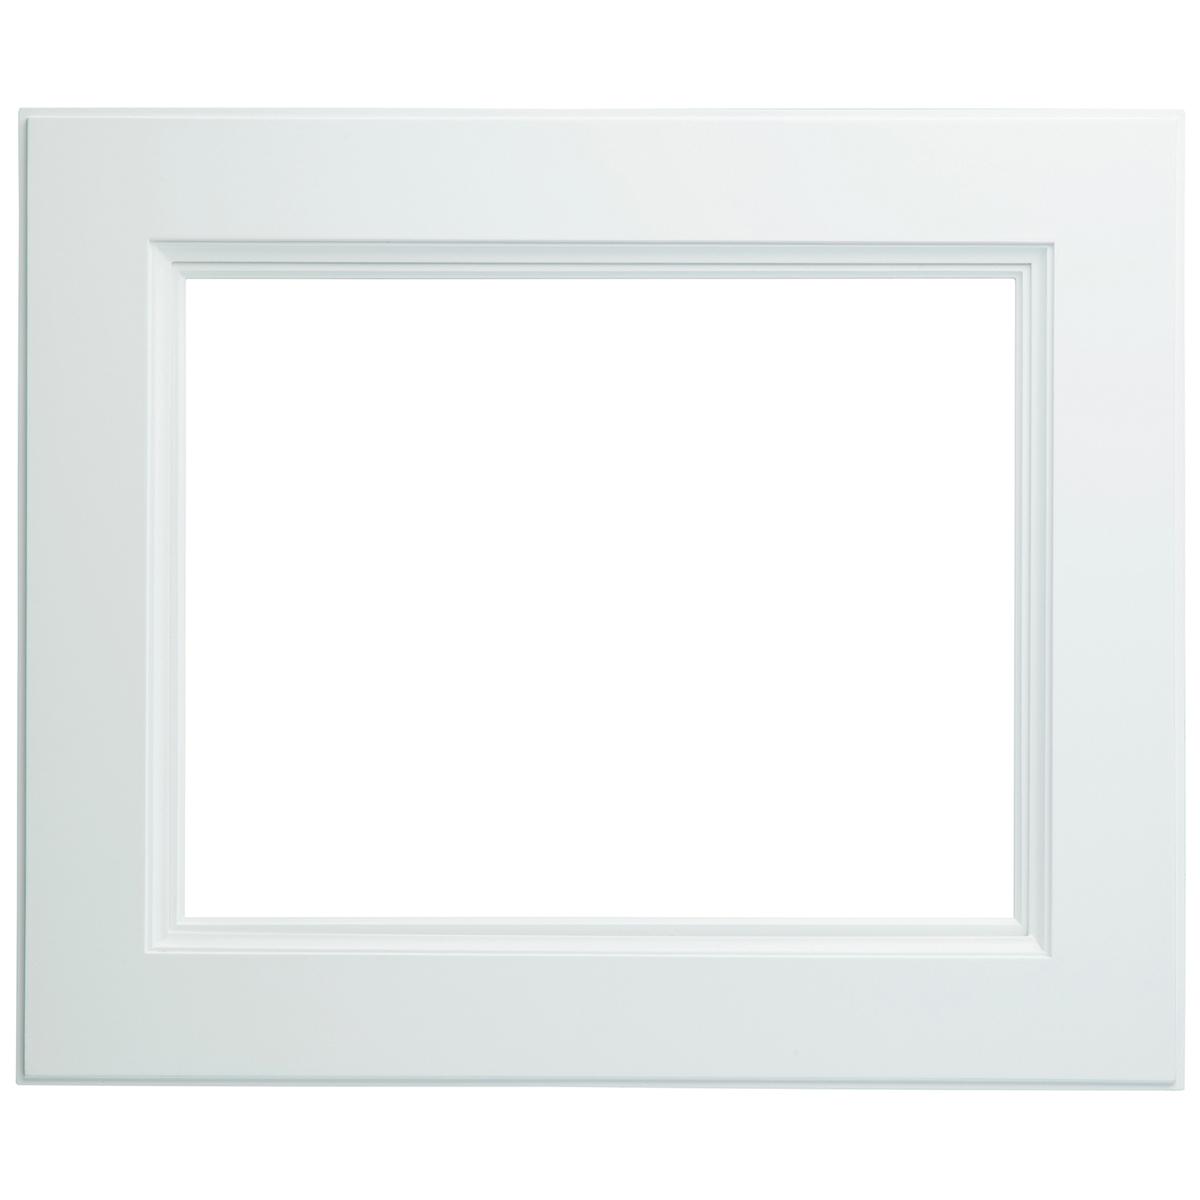 ラーソン・ジュール 油絵用額縁 A263 P10 ホワイト